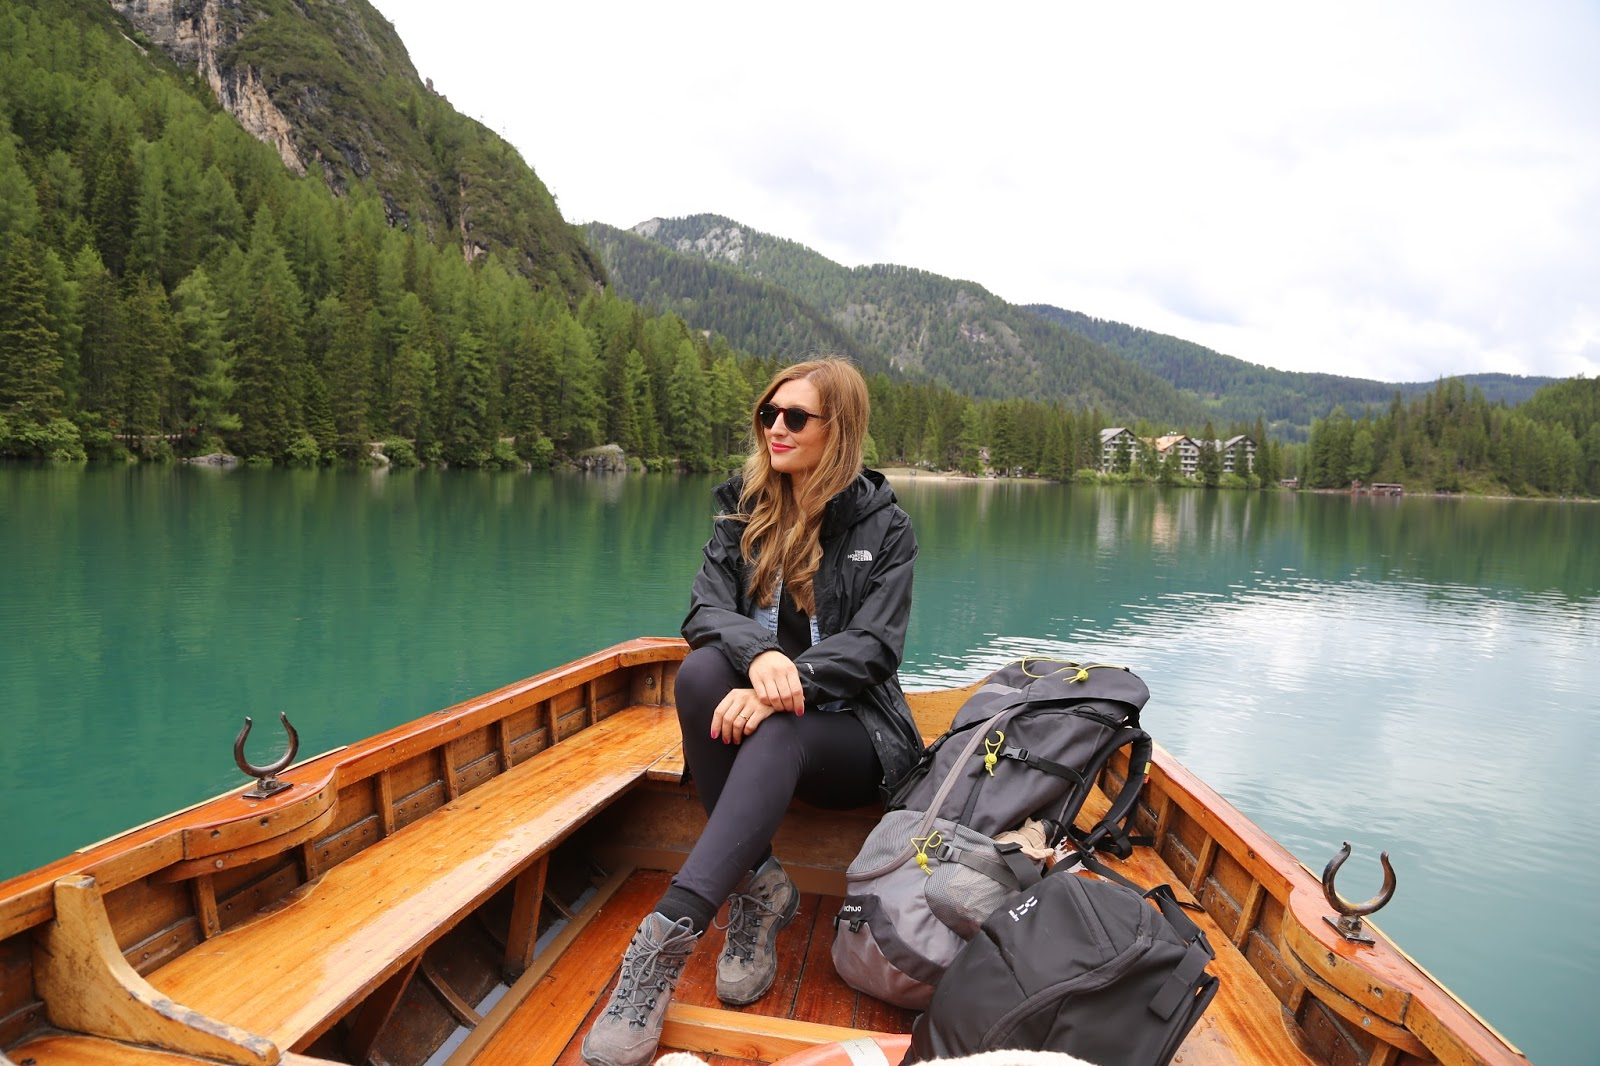 Outdoorlook - was trägt man zum wadern-Outdoorblog -Fashionstylebyjohanna - Südtirol - Fedora Hut - Blogger - Austria - Outdoorblogger - Haglo